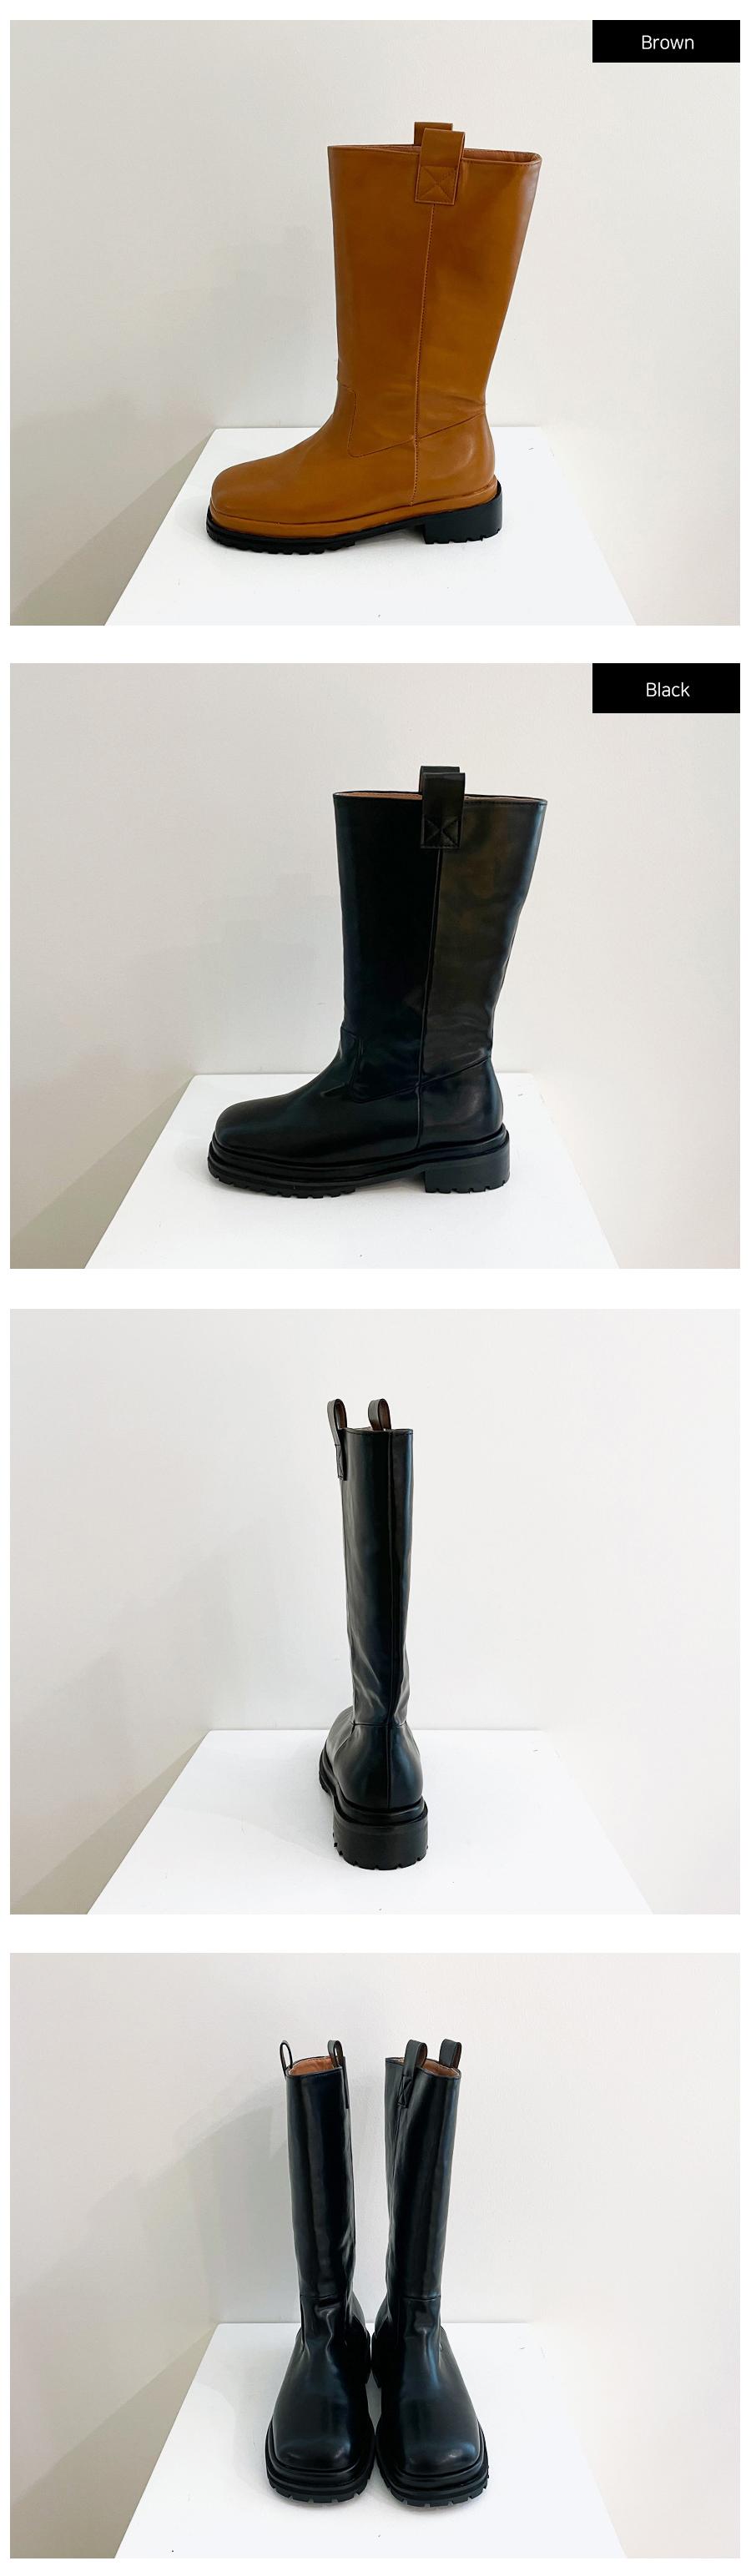 신발 화이트 색상 이미지-S1L31